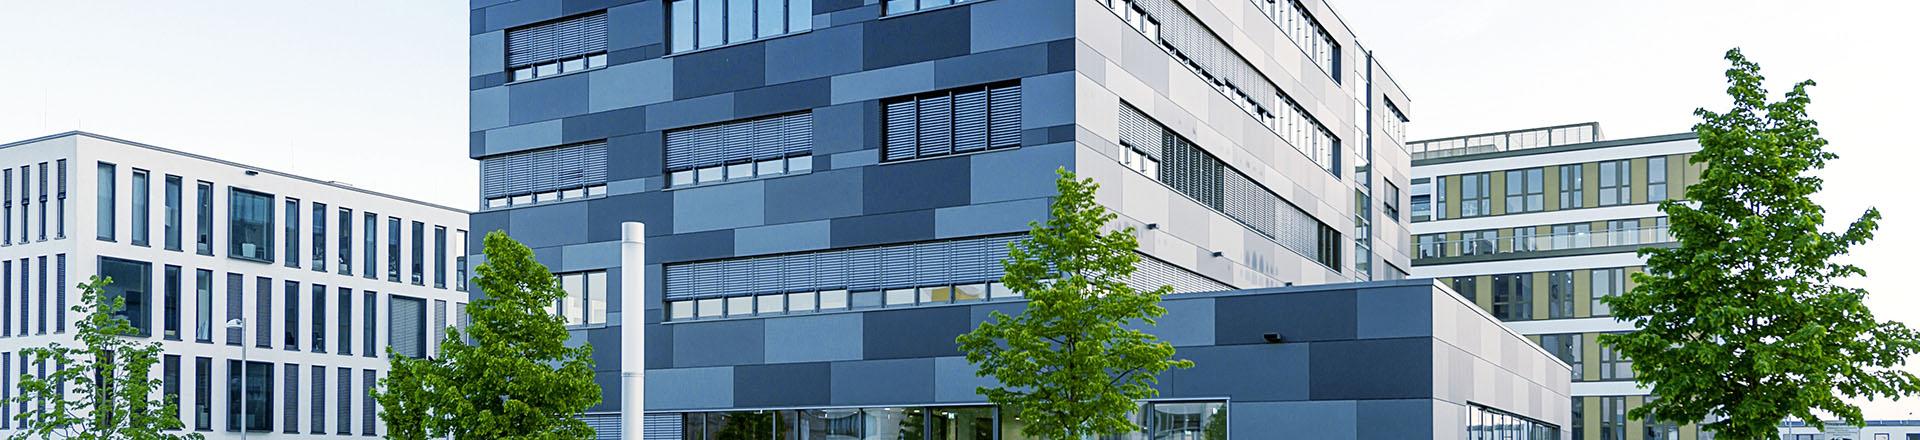 Außenansicht Gebäude mit blauen Kacheln